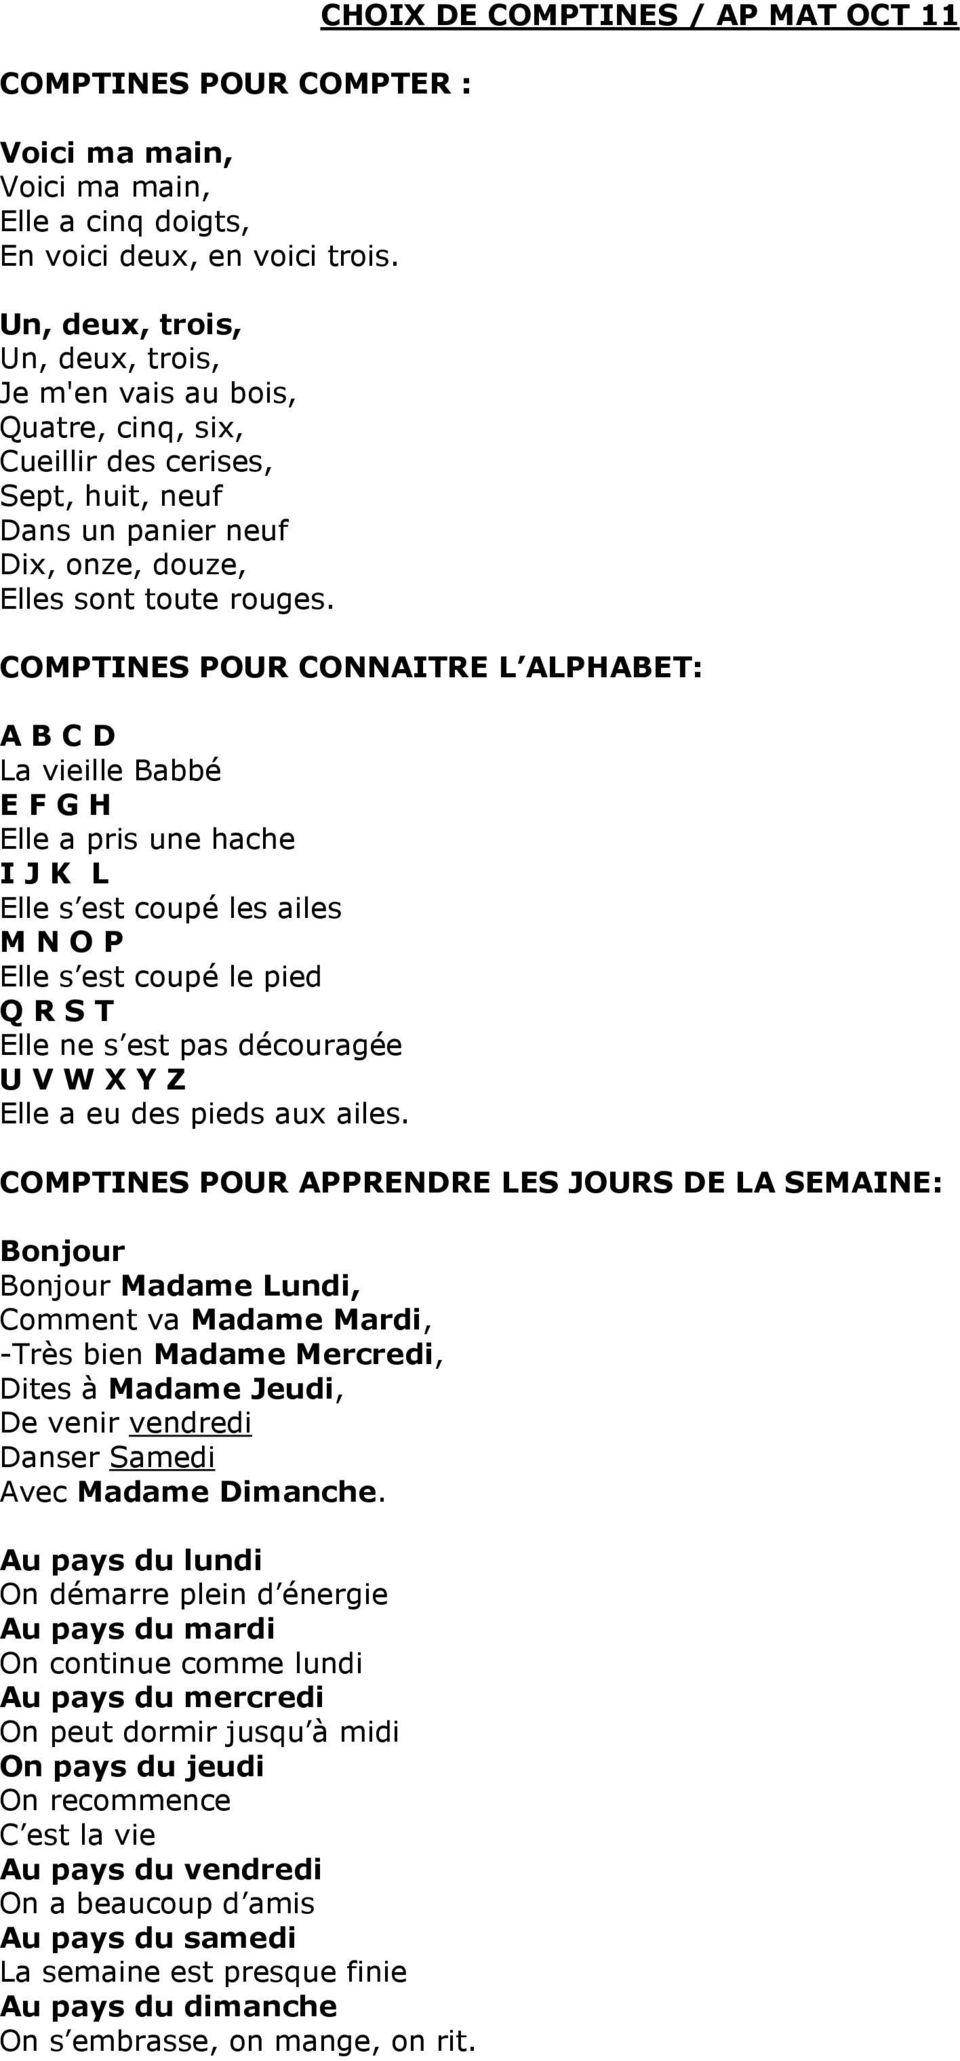 Choix De Comptines / Ap Mat Oct 11 - Pdf Téléchargement Gratuit tout Comptine Bonjour Madame Lundi